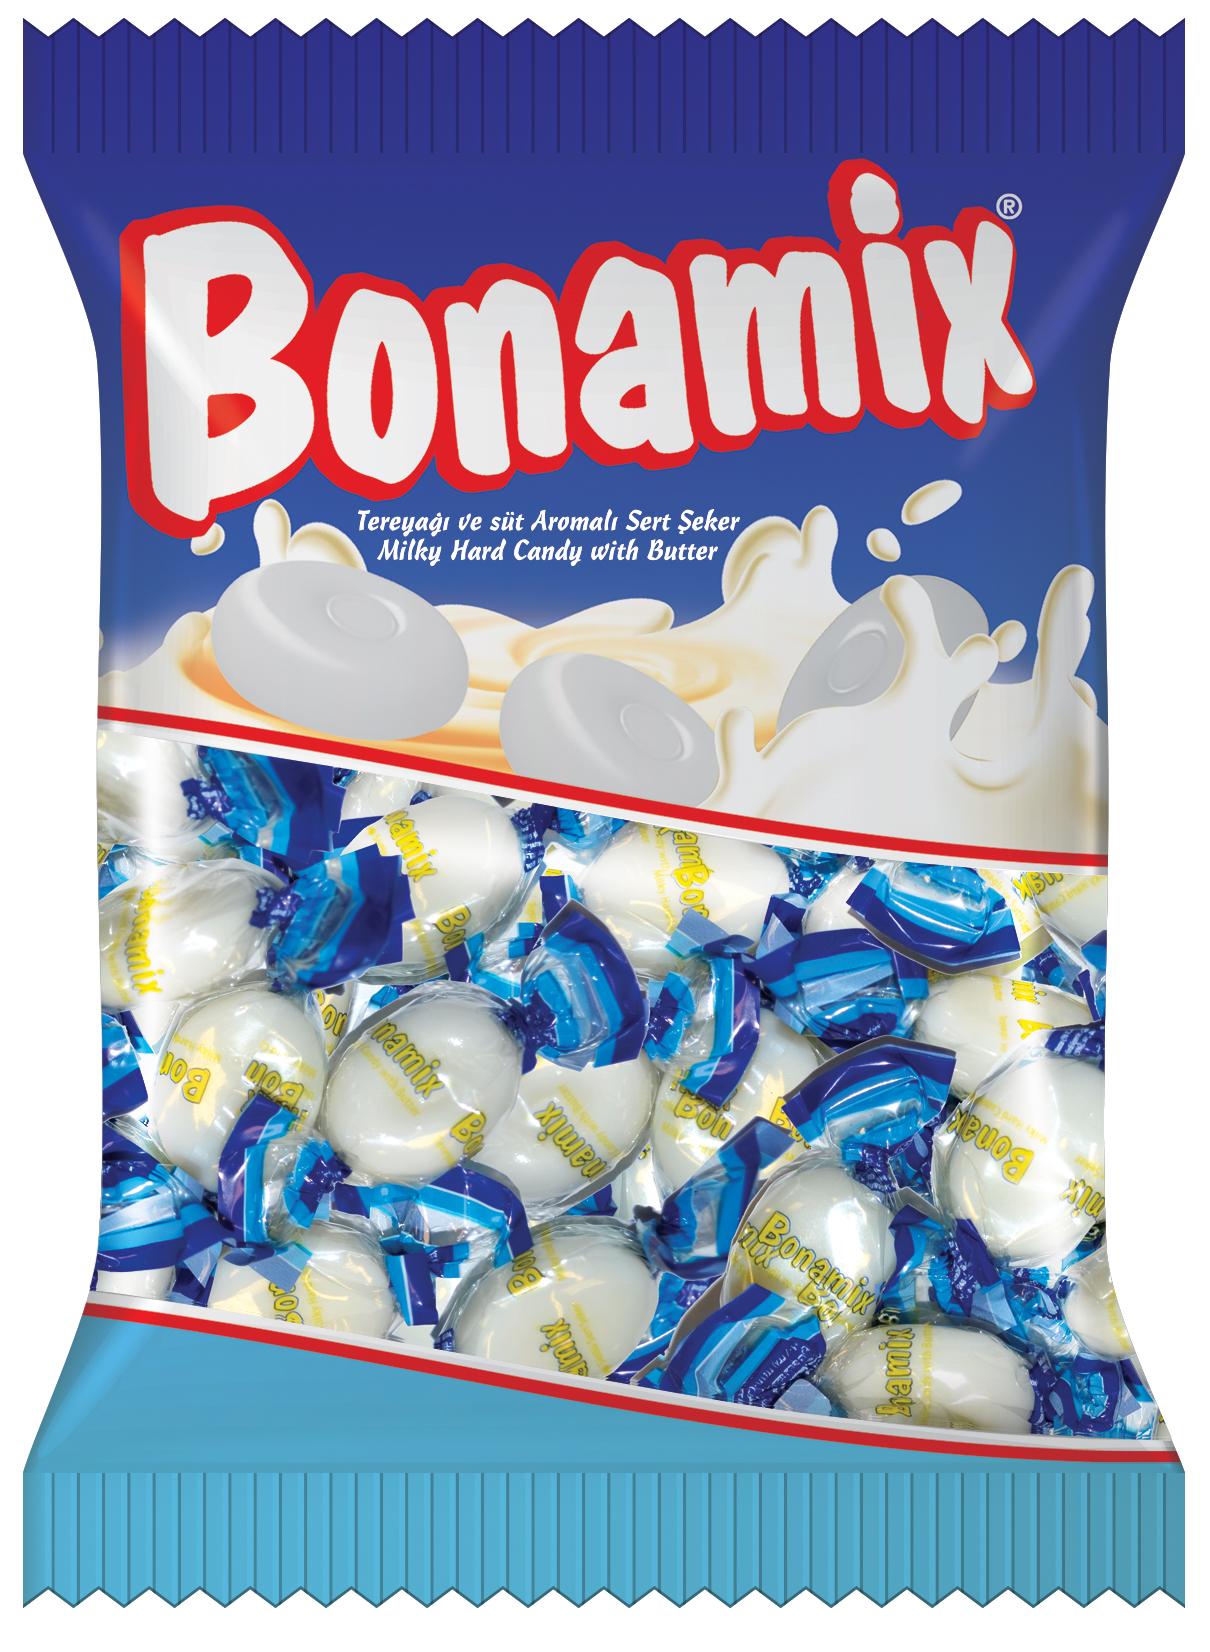 Bonamix